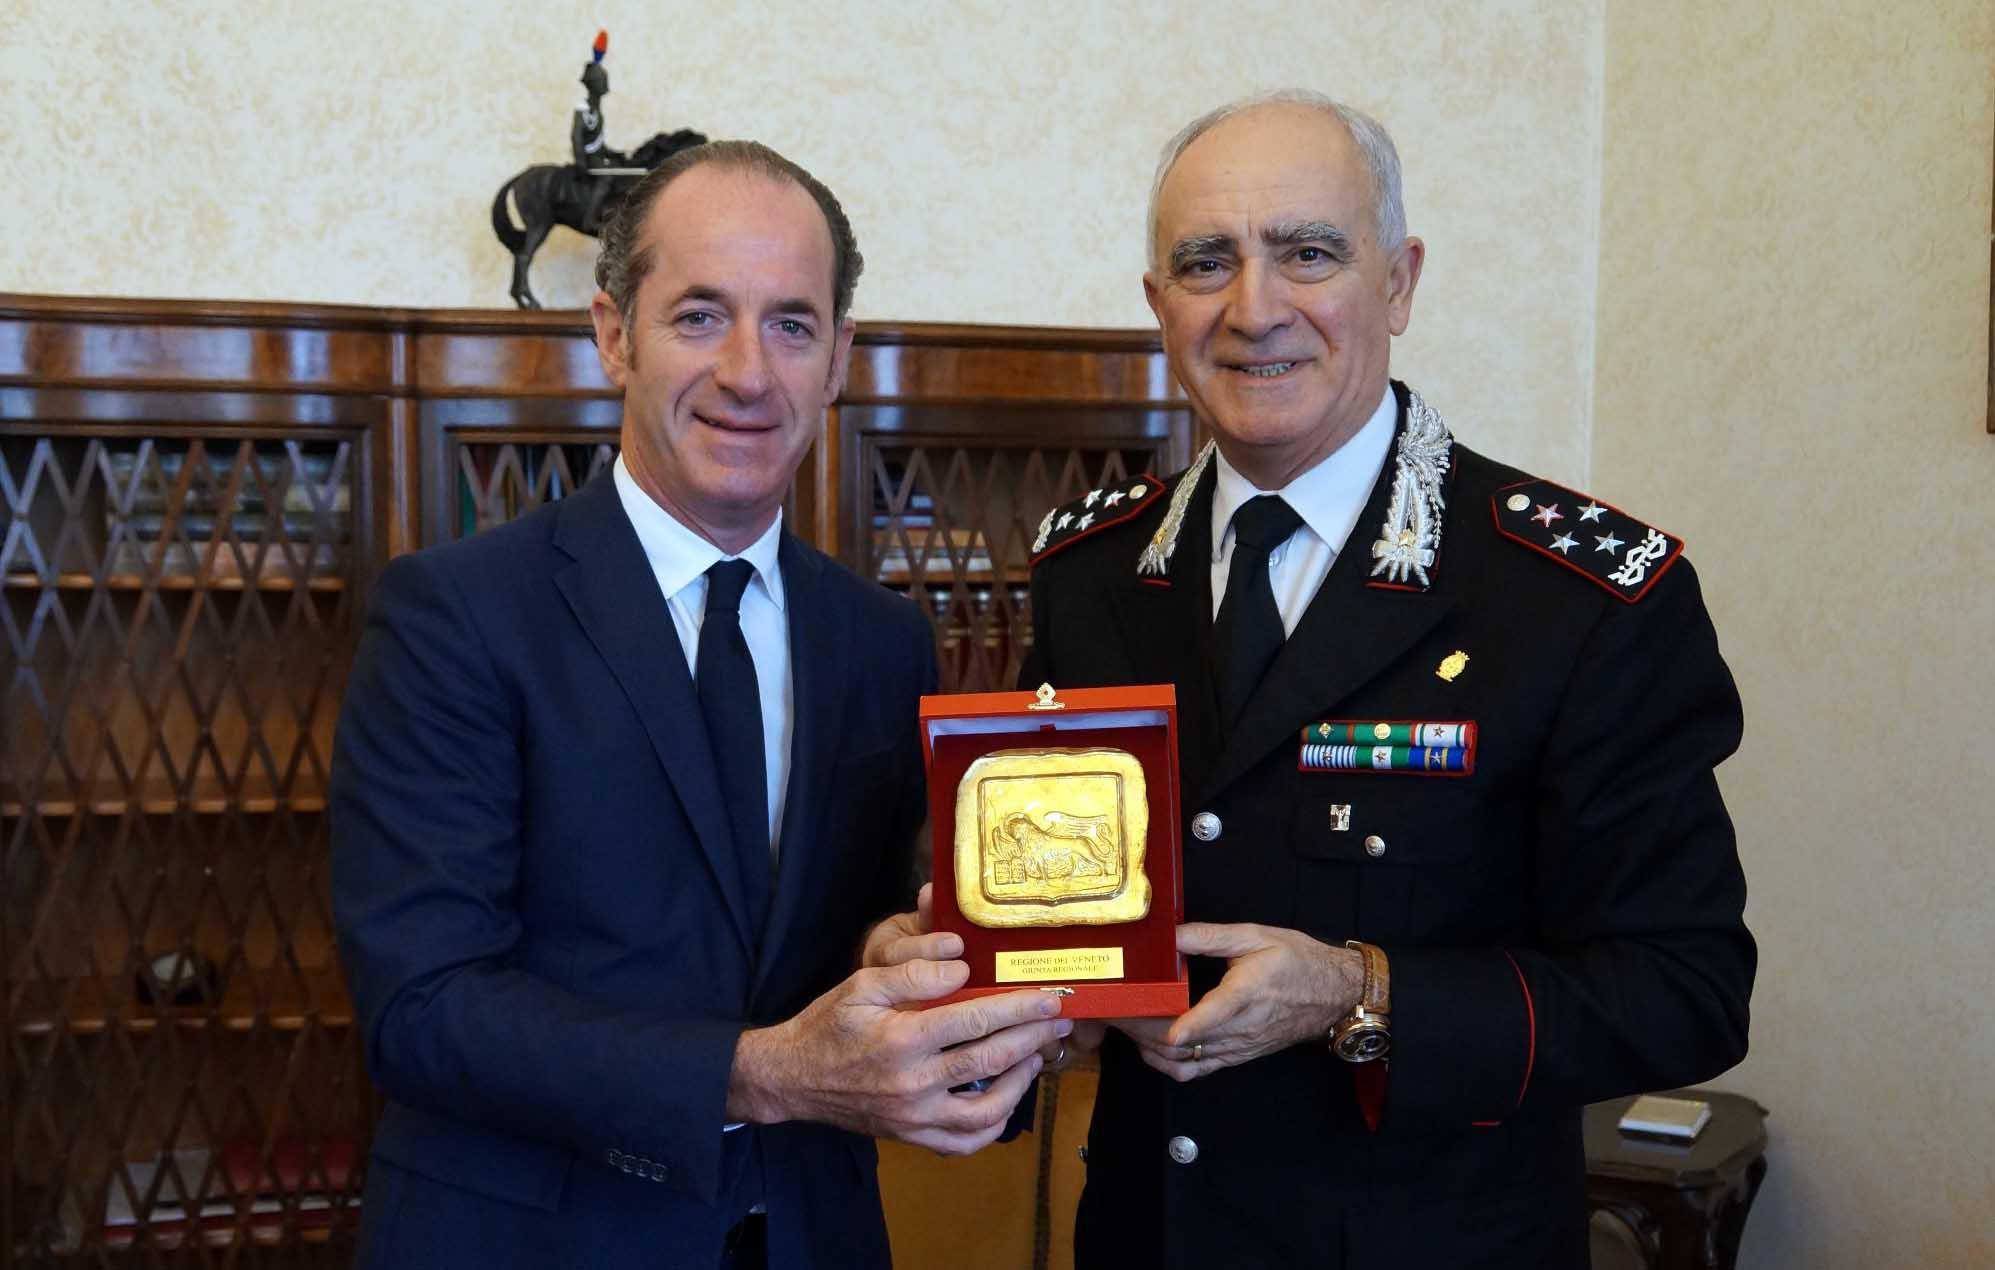 Luca Zaia e gen Tullio Del Sette 2